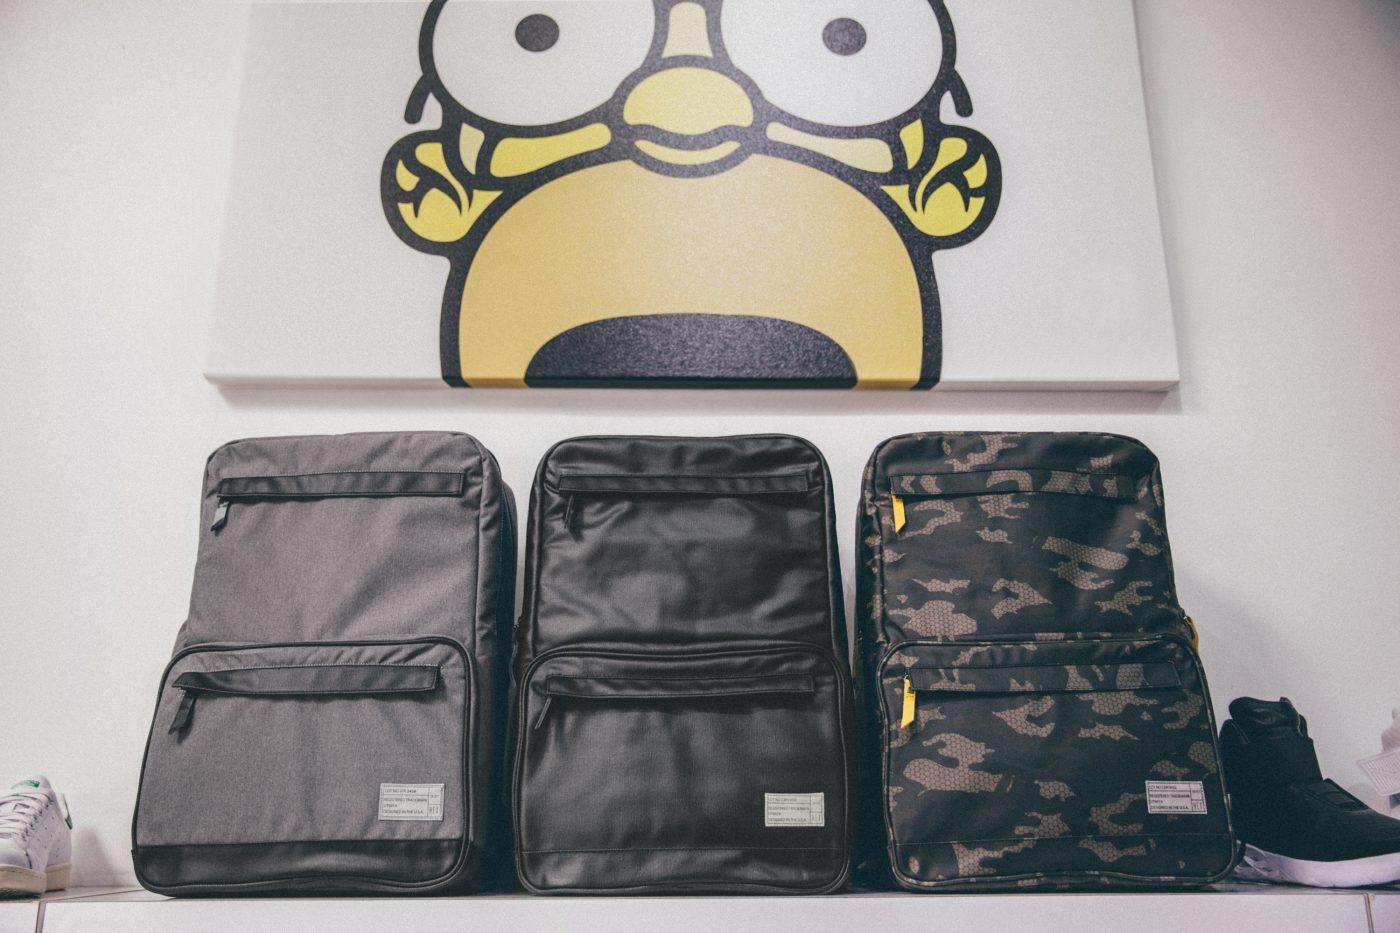 HEX-SneakerBackpack-001